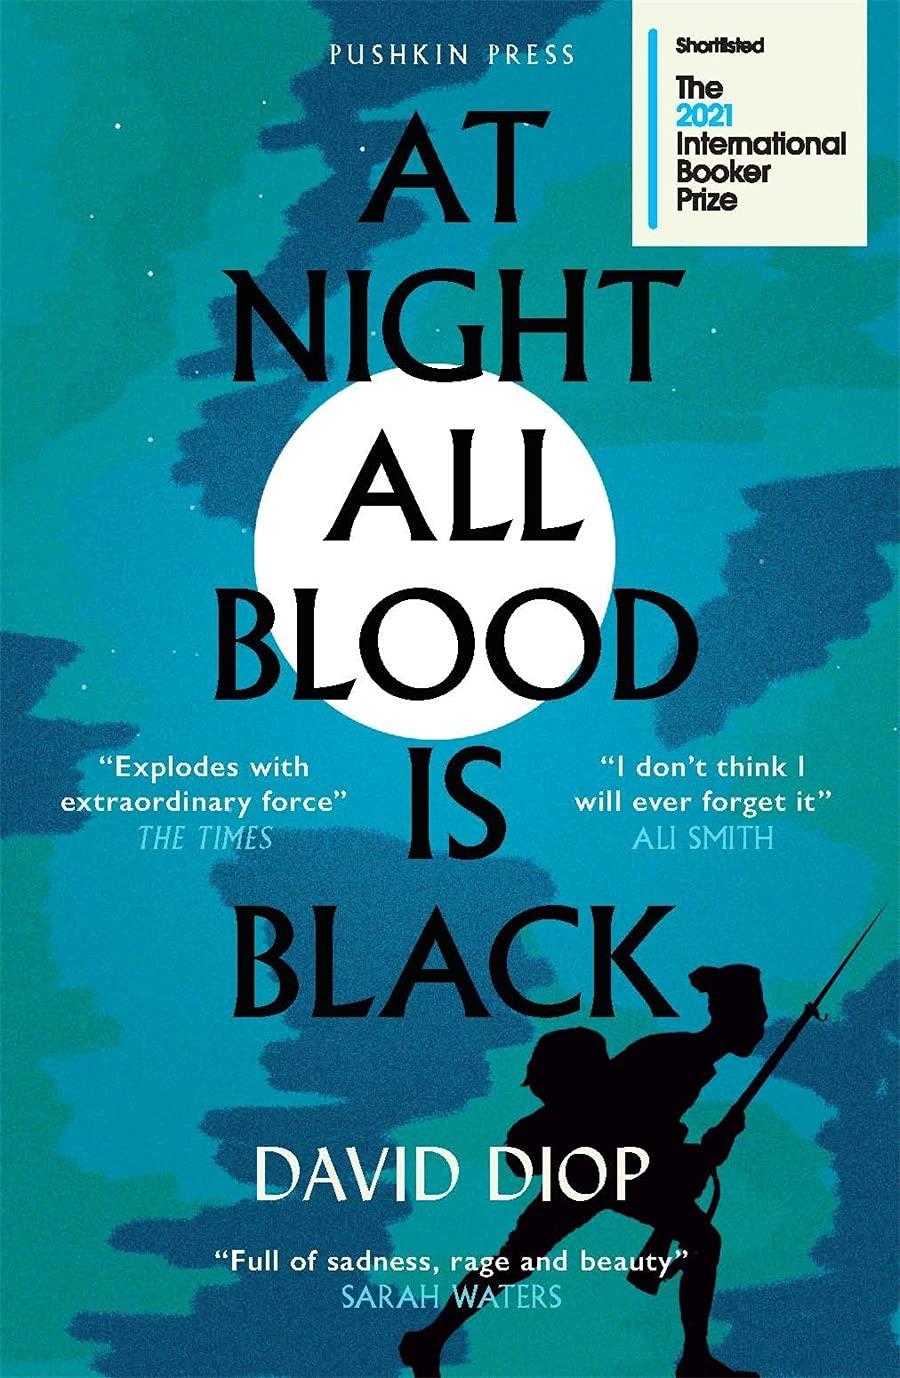 At Night All Blood Is Black, το εξώφυλλο του βιβλίου που κέρδισε Booker 2021, credits: Pushkin Press